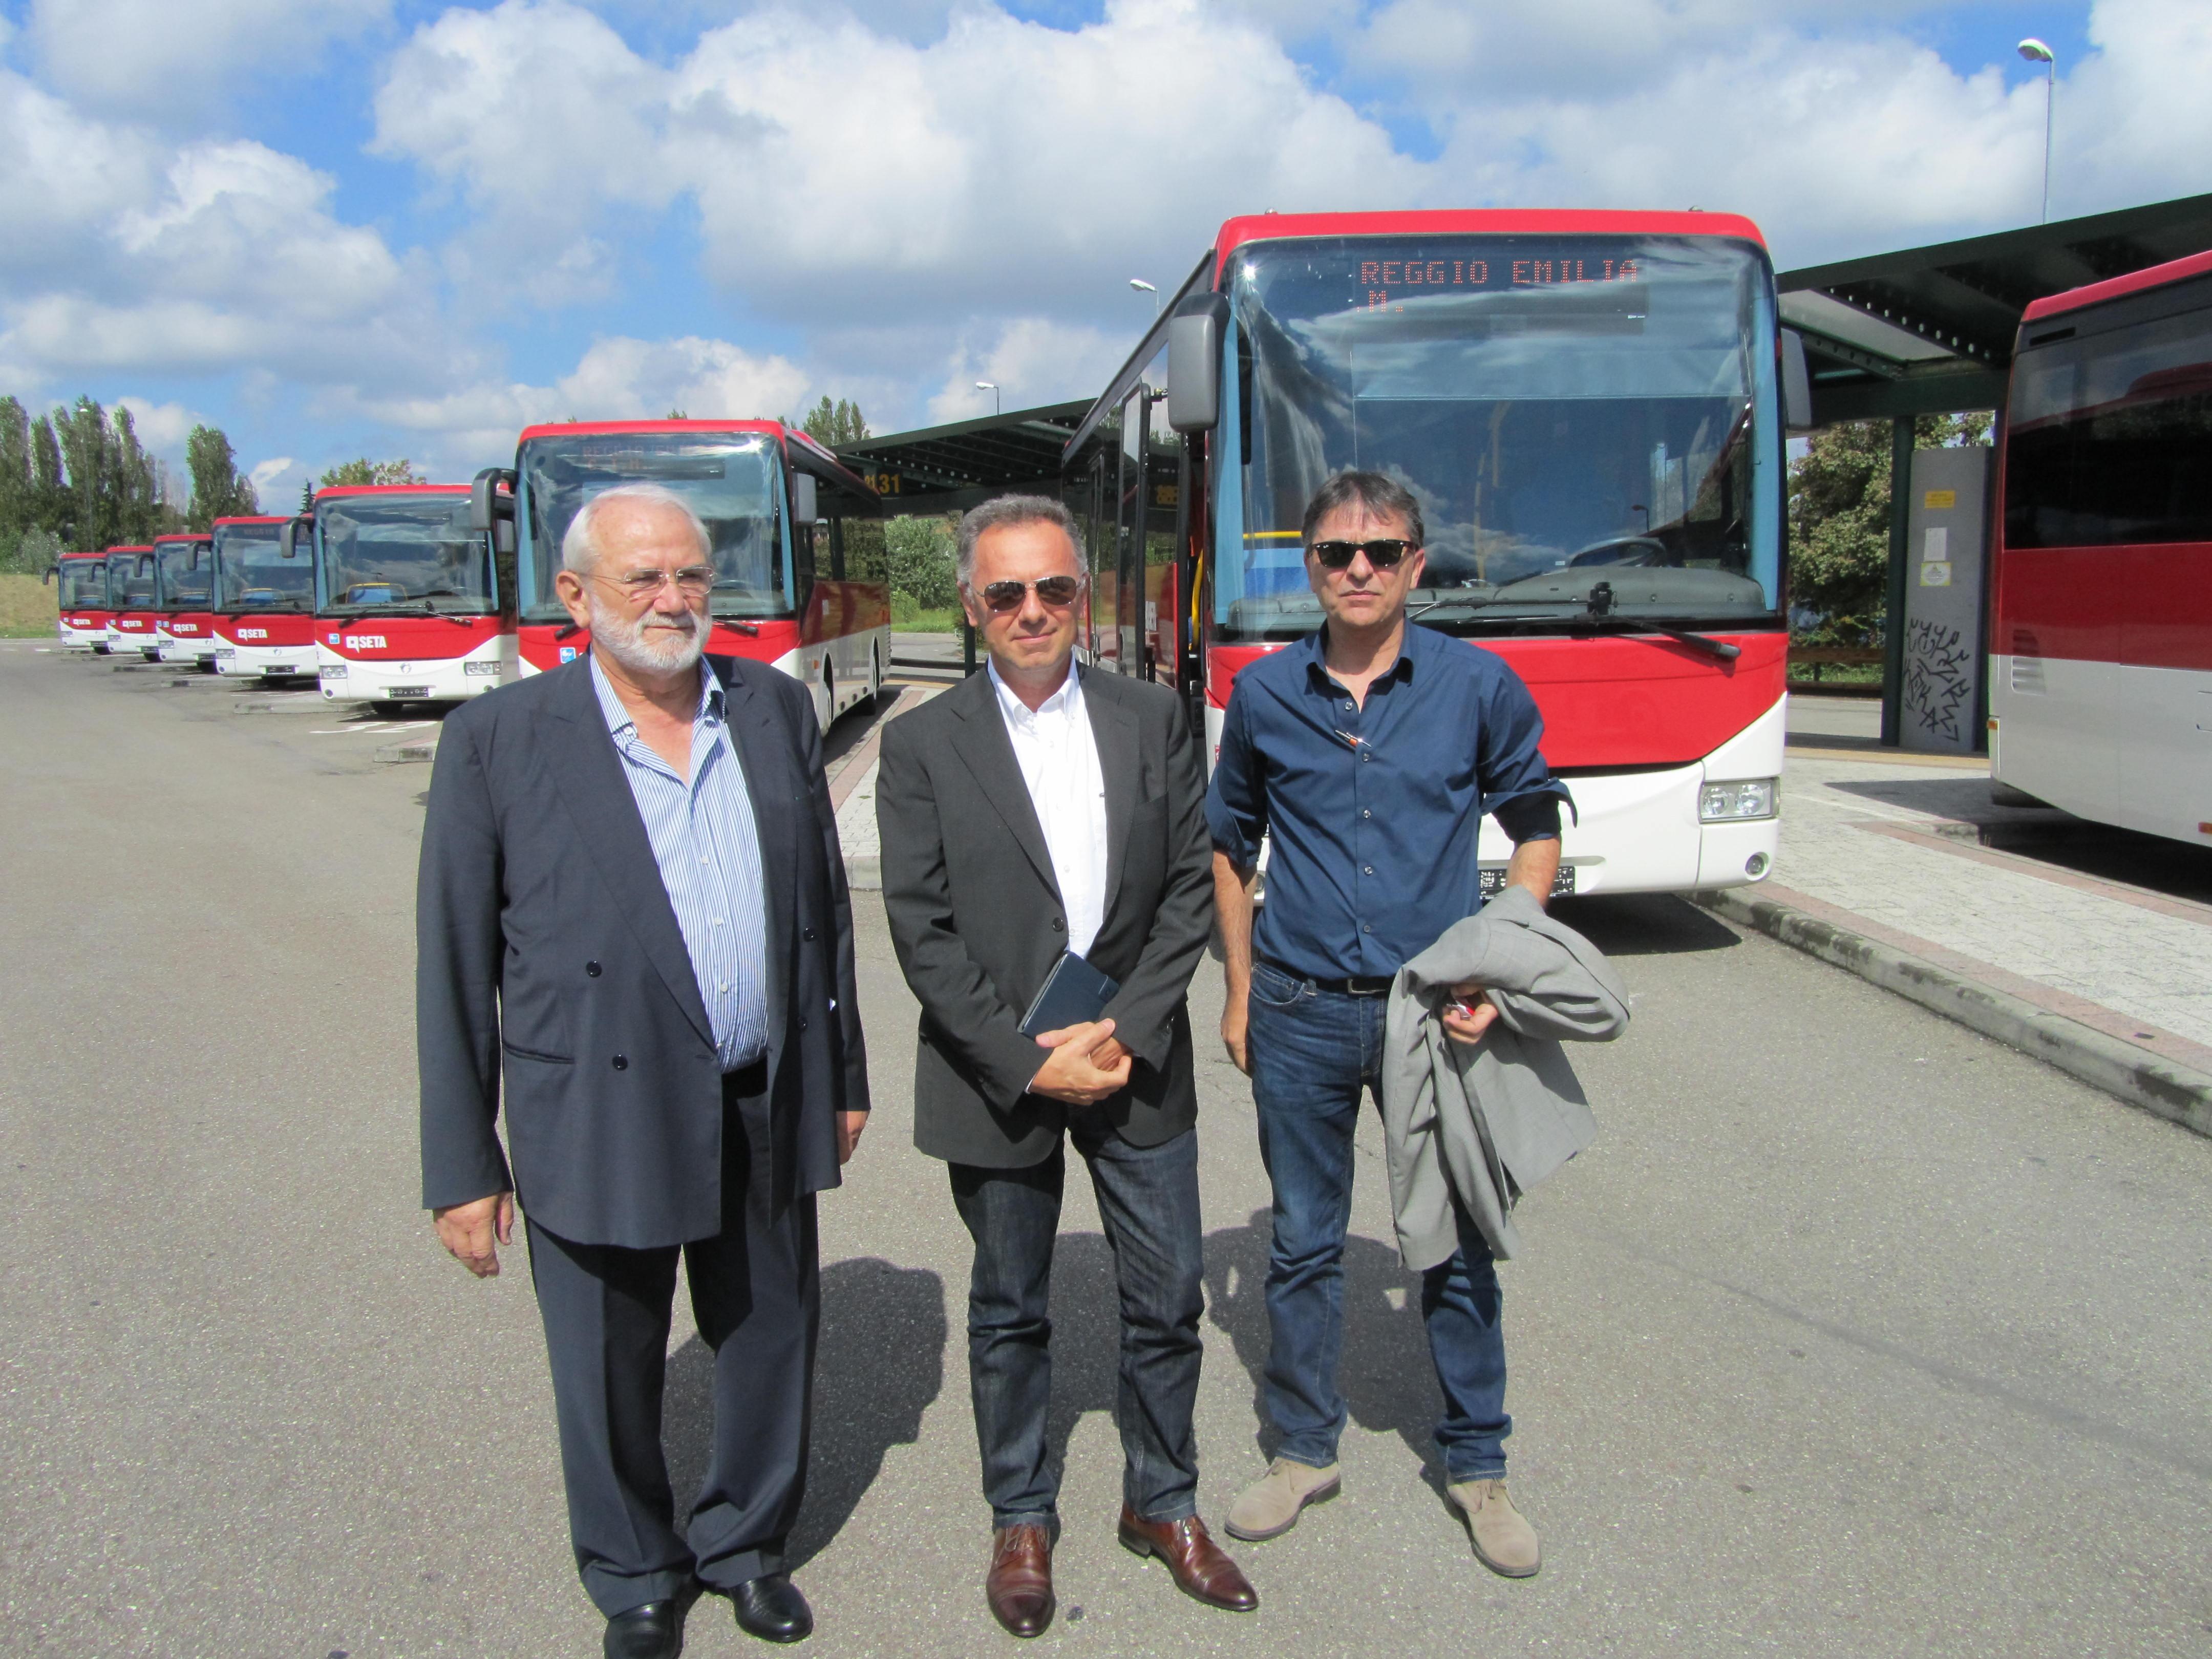 La dirigenza di Seta, Agenzia Mobilità e Act con i nuovi bus di Regio Emilia - Foto Seta